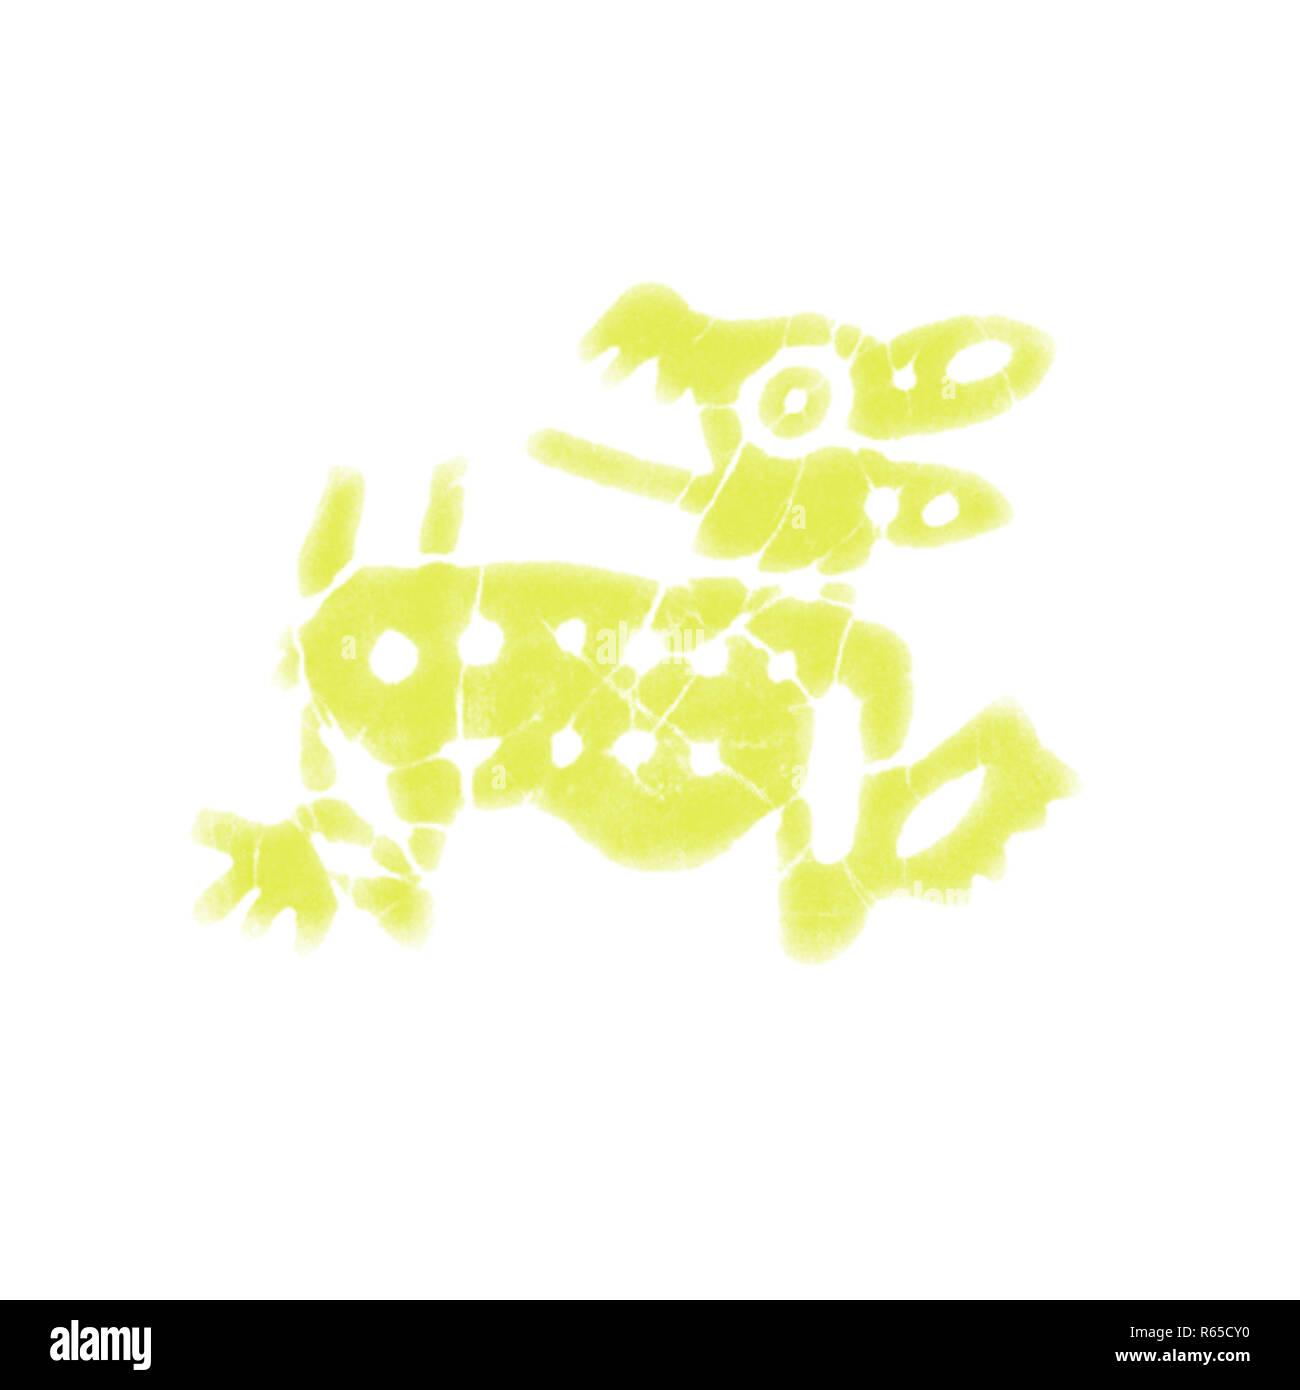 Dibujos De Animales Tribales Primitivas 5bjpg R65cy0 Foto